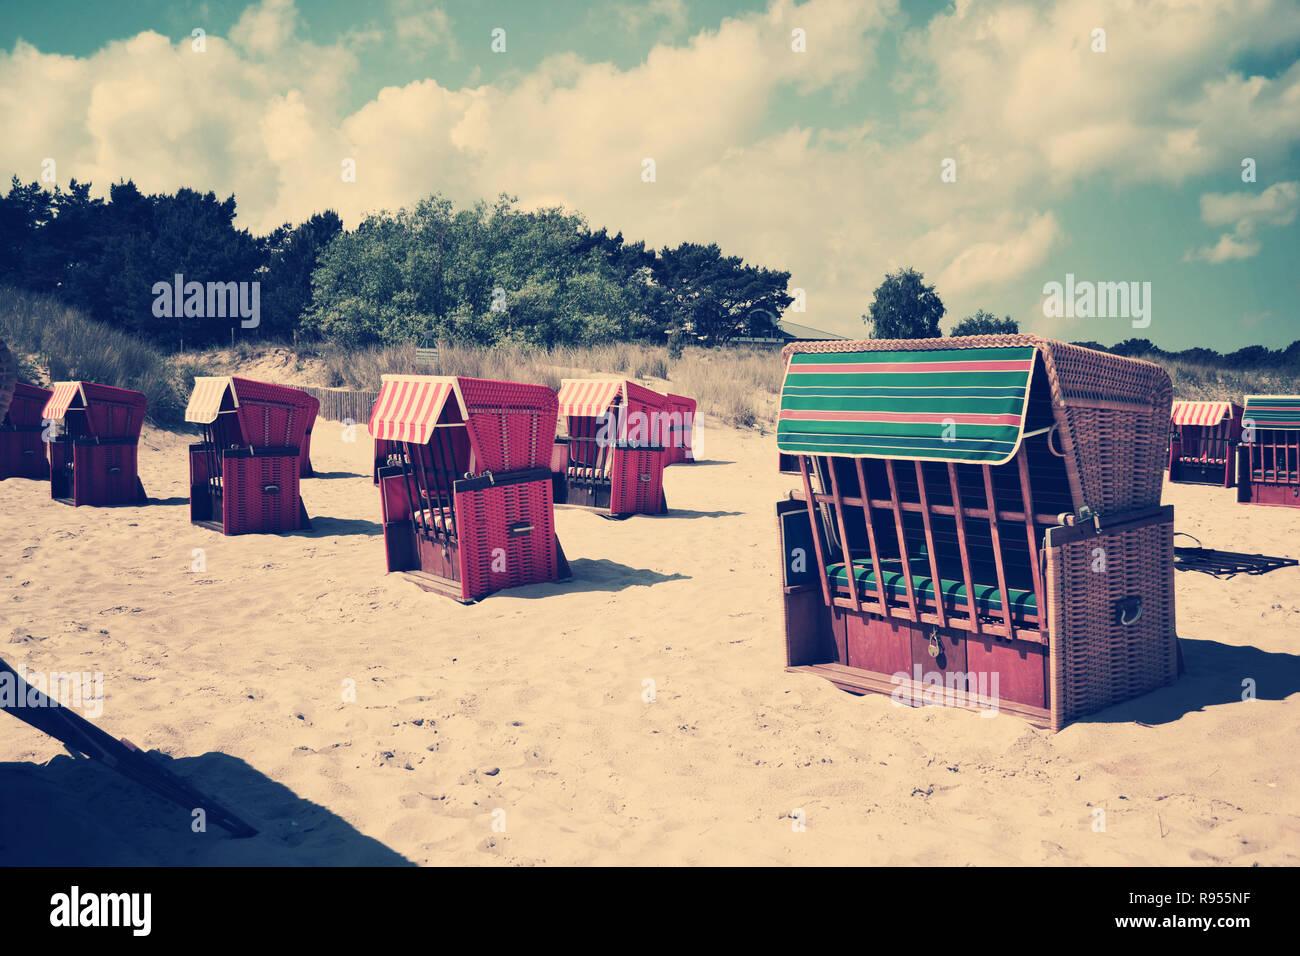 Chaises de plage retro vintage passé vieux nostalgique Photo Stock